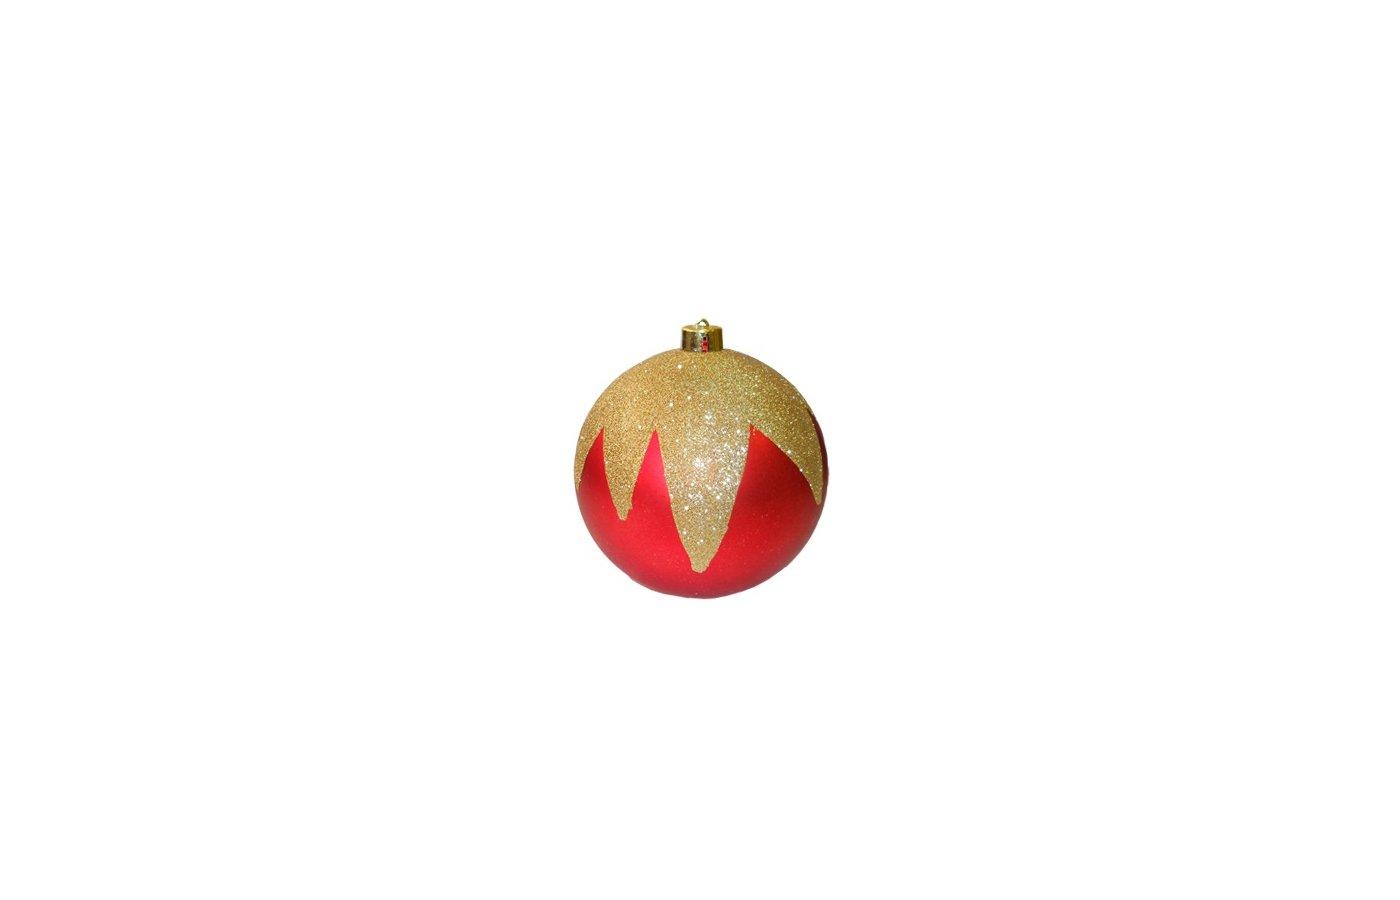 Игрушка Шар Сноу Бум с узором из глитера красн золото в асс-те 15см N3/15001BS66 378-143